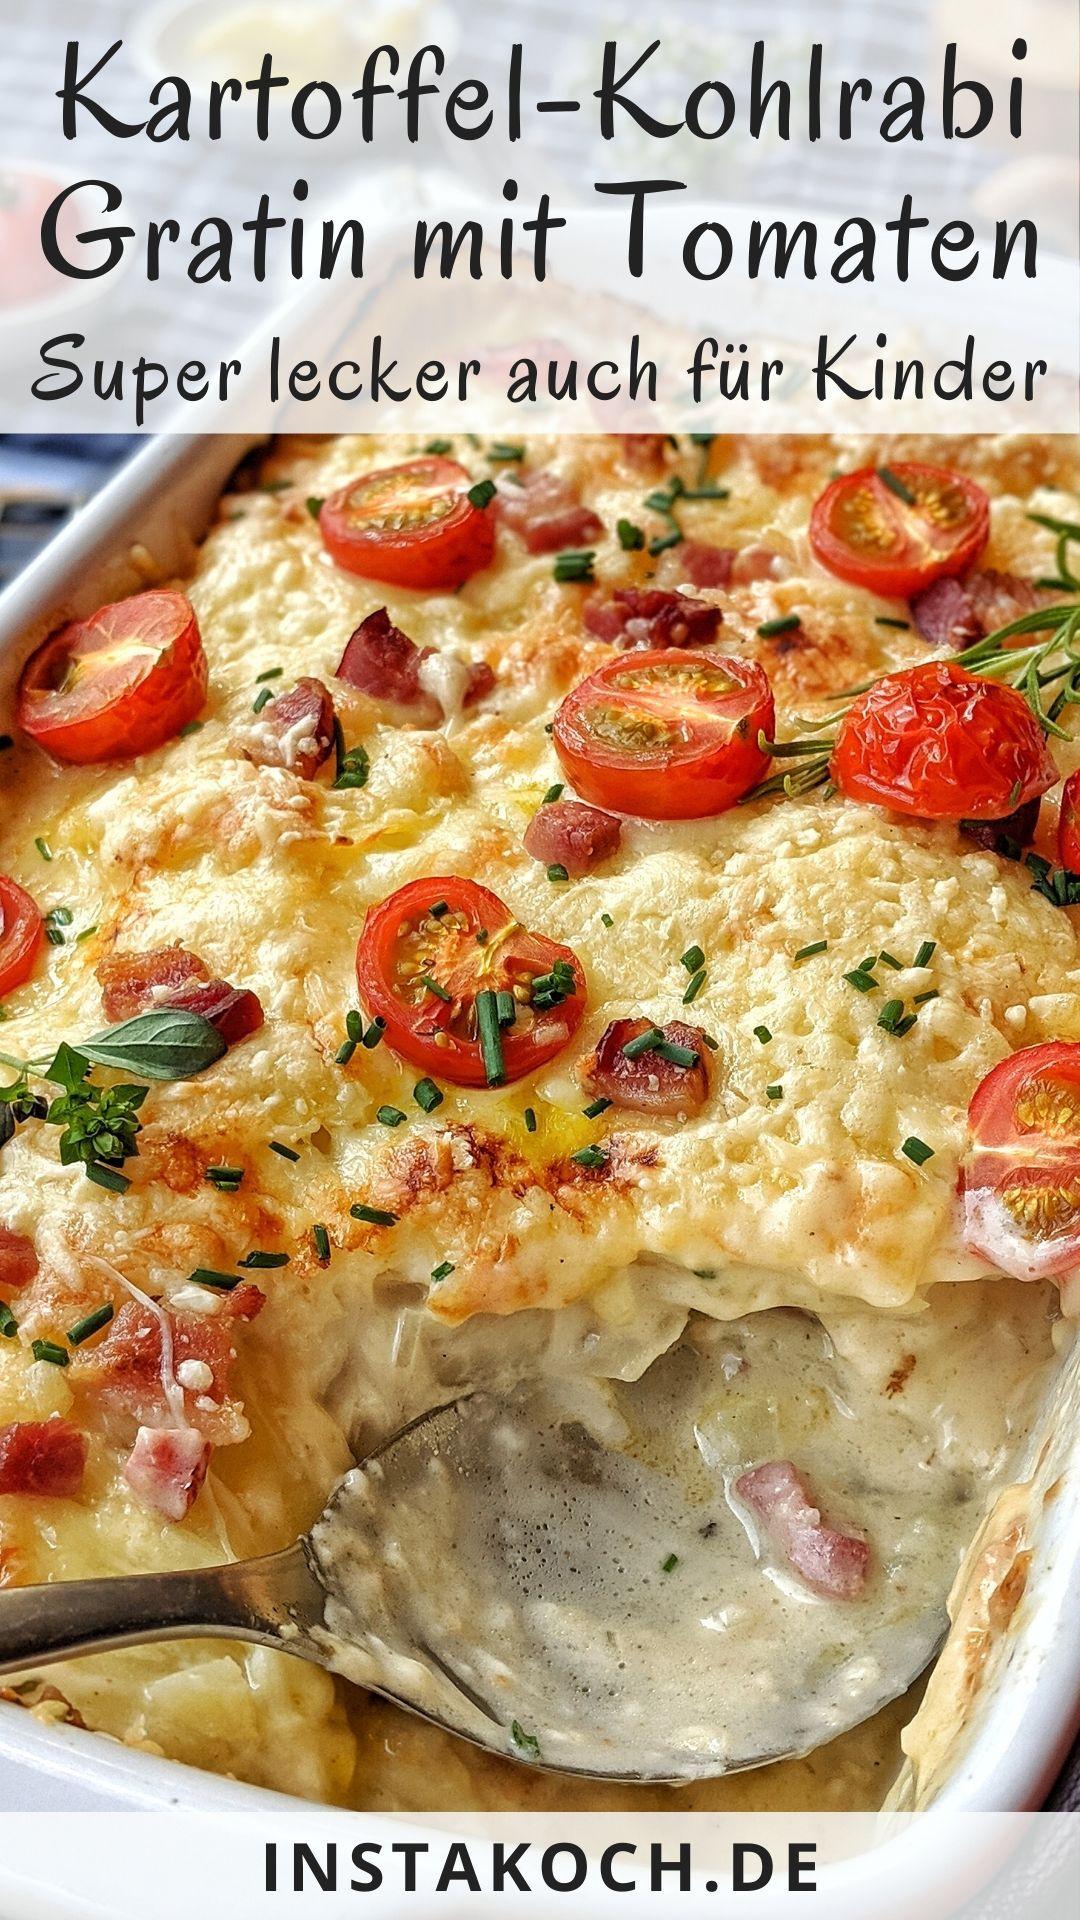 Kartoffel-Kohlrabi Gratin mit Tomaten - Schnell vorbereitet und super lecker